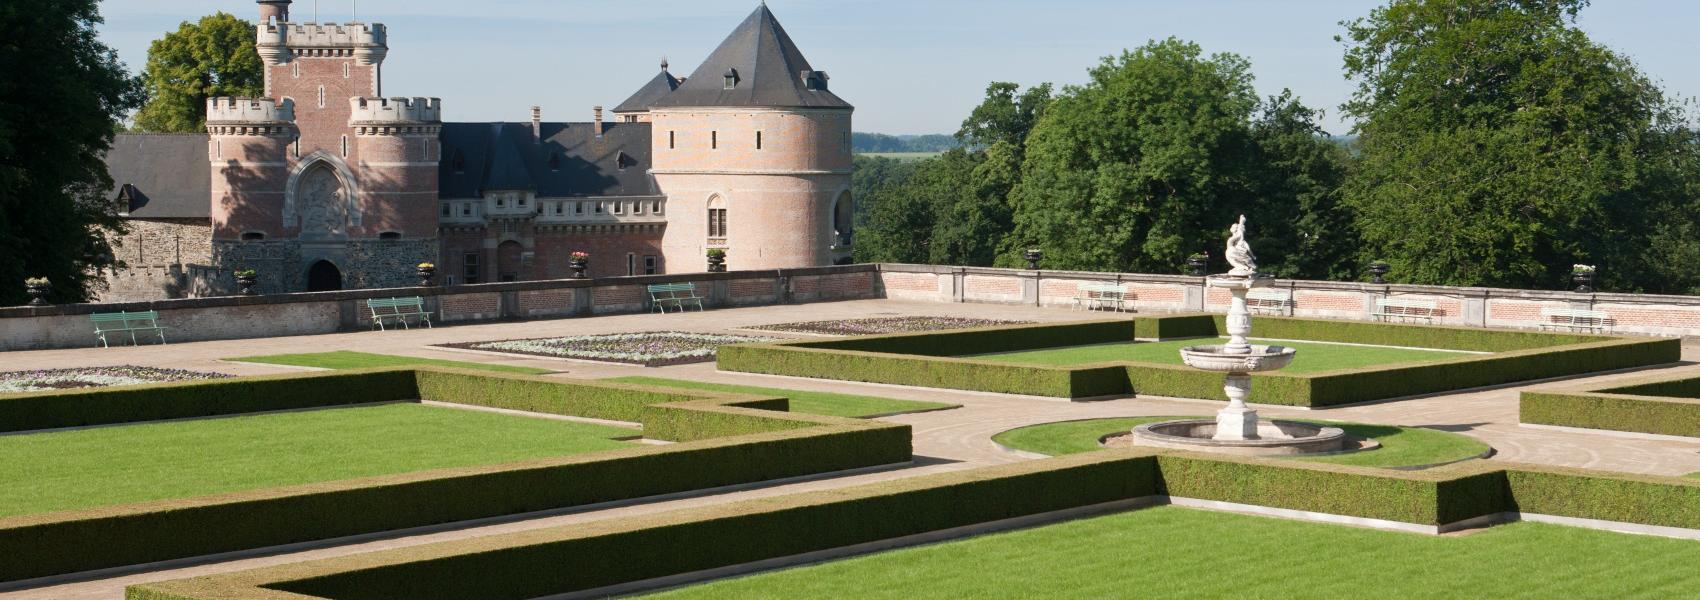 zicht op de siertuin en het kasteel